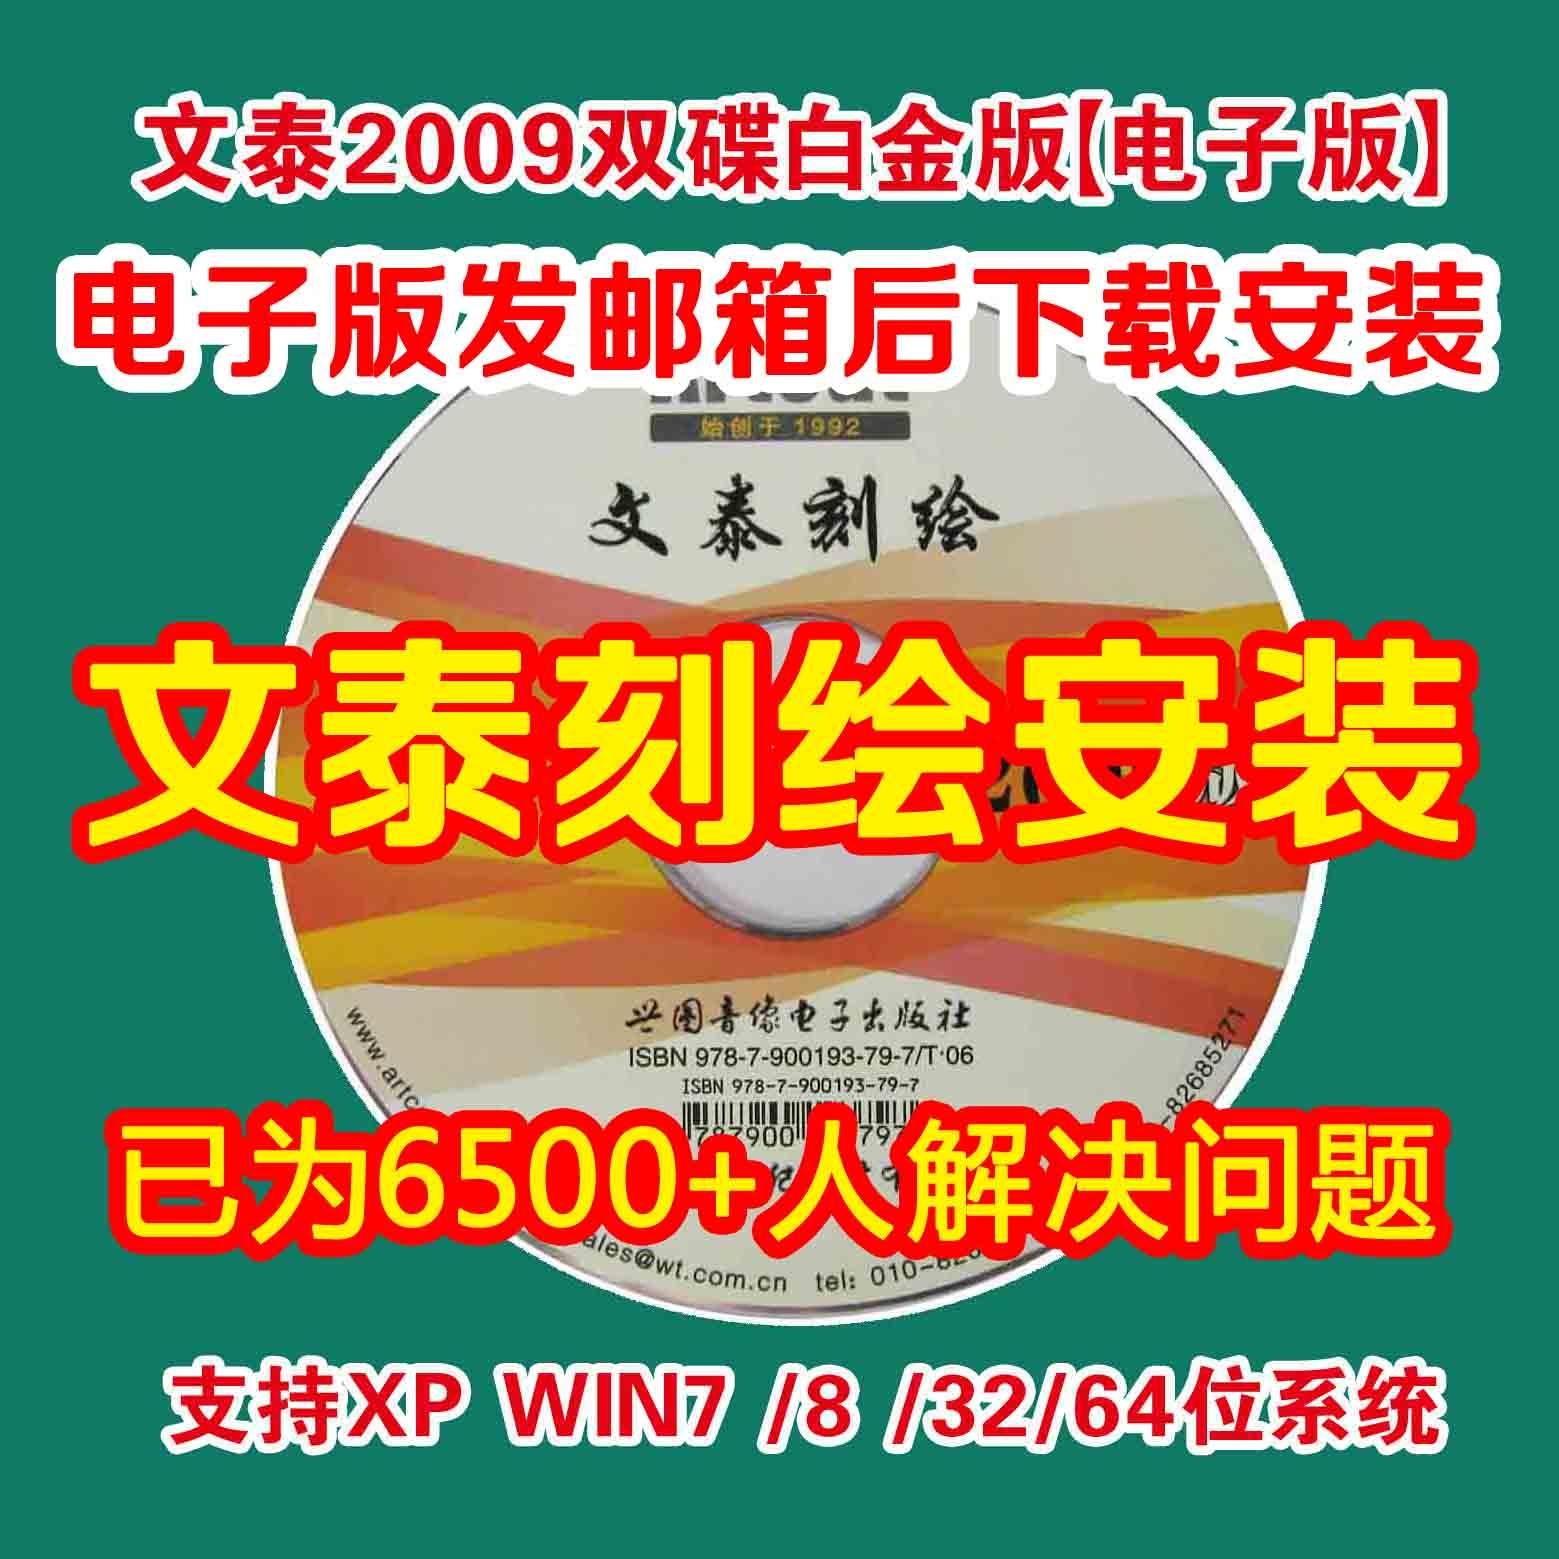 Wentai Engraved 2009/2010 Гравированное программное обеспечение выгравировано слово Программное обеспечение Wentai Software Millennium Gallery Удаленный помощник